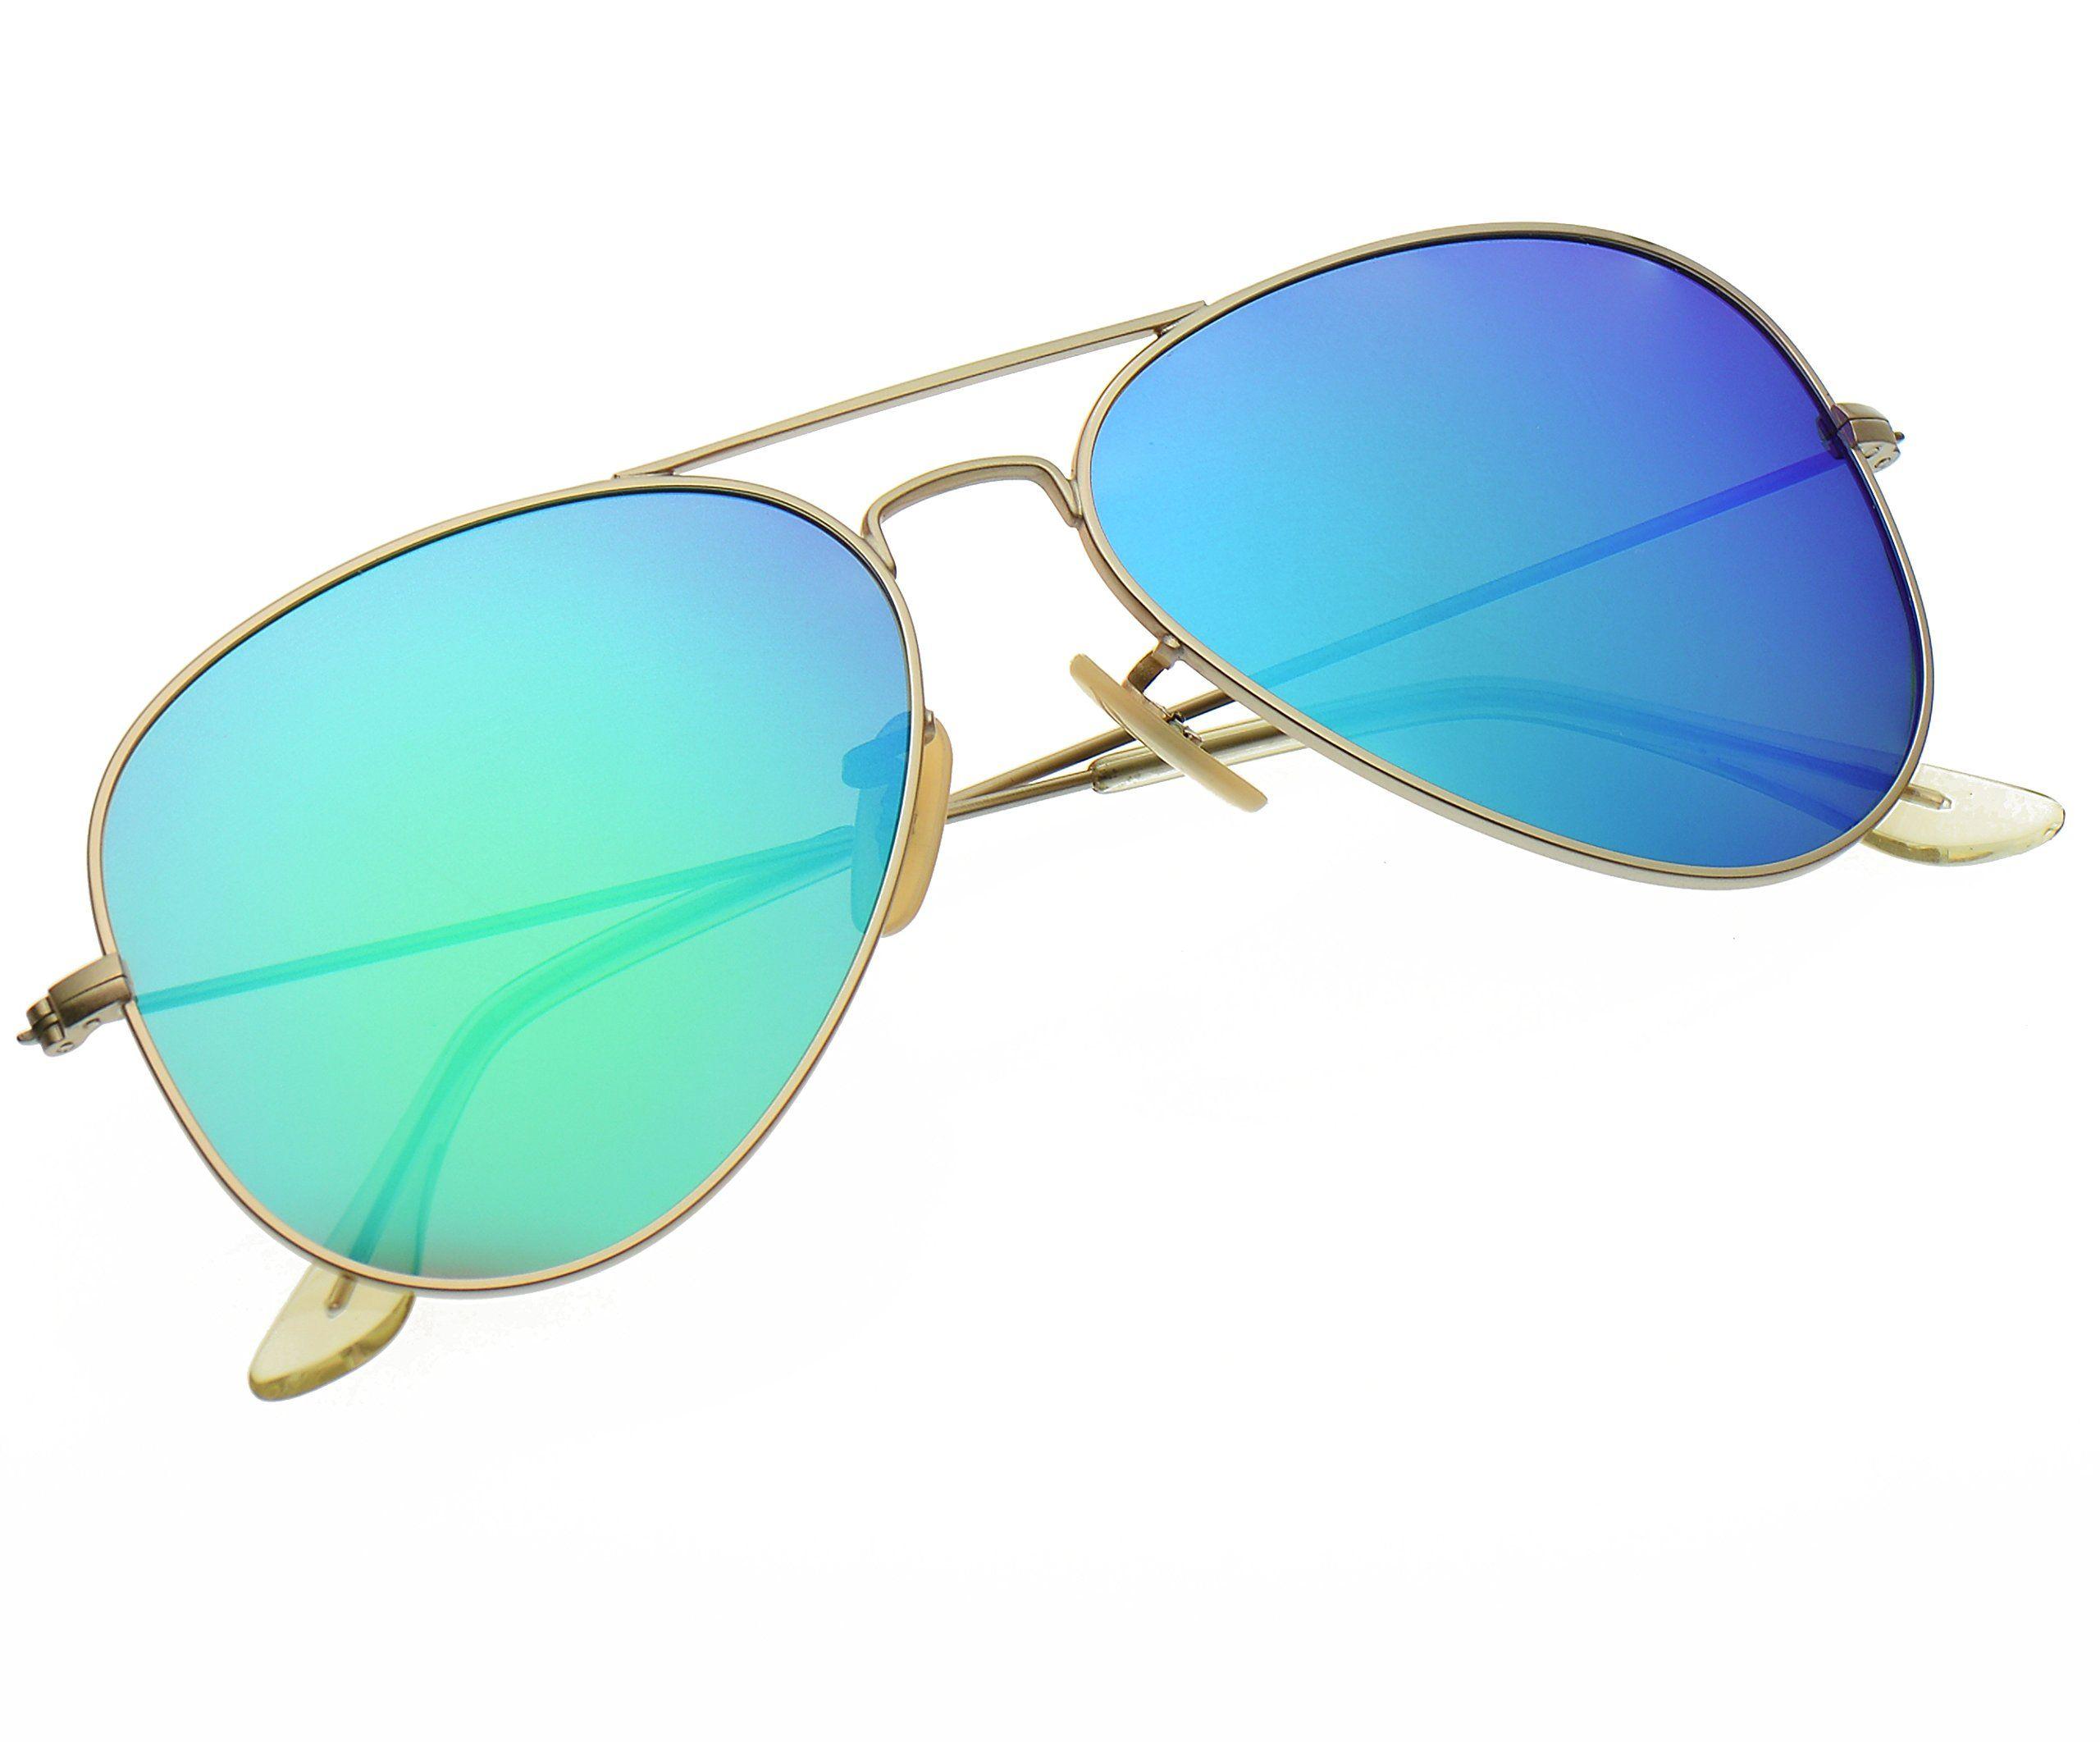 fcfc0d0882 LUENX Aviator Polarized Sunglasses for Men   Women with Elegant Glasses Case  - UV 400 Protection Green Blue Mirrored Lens Gold Frame 55mm